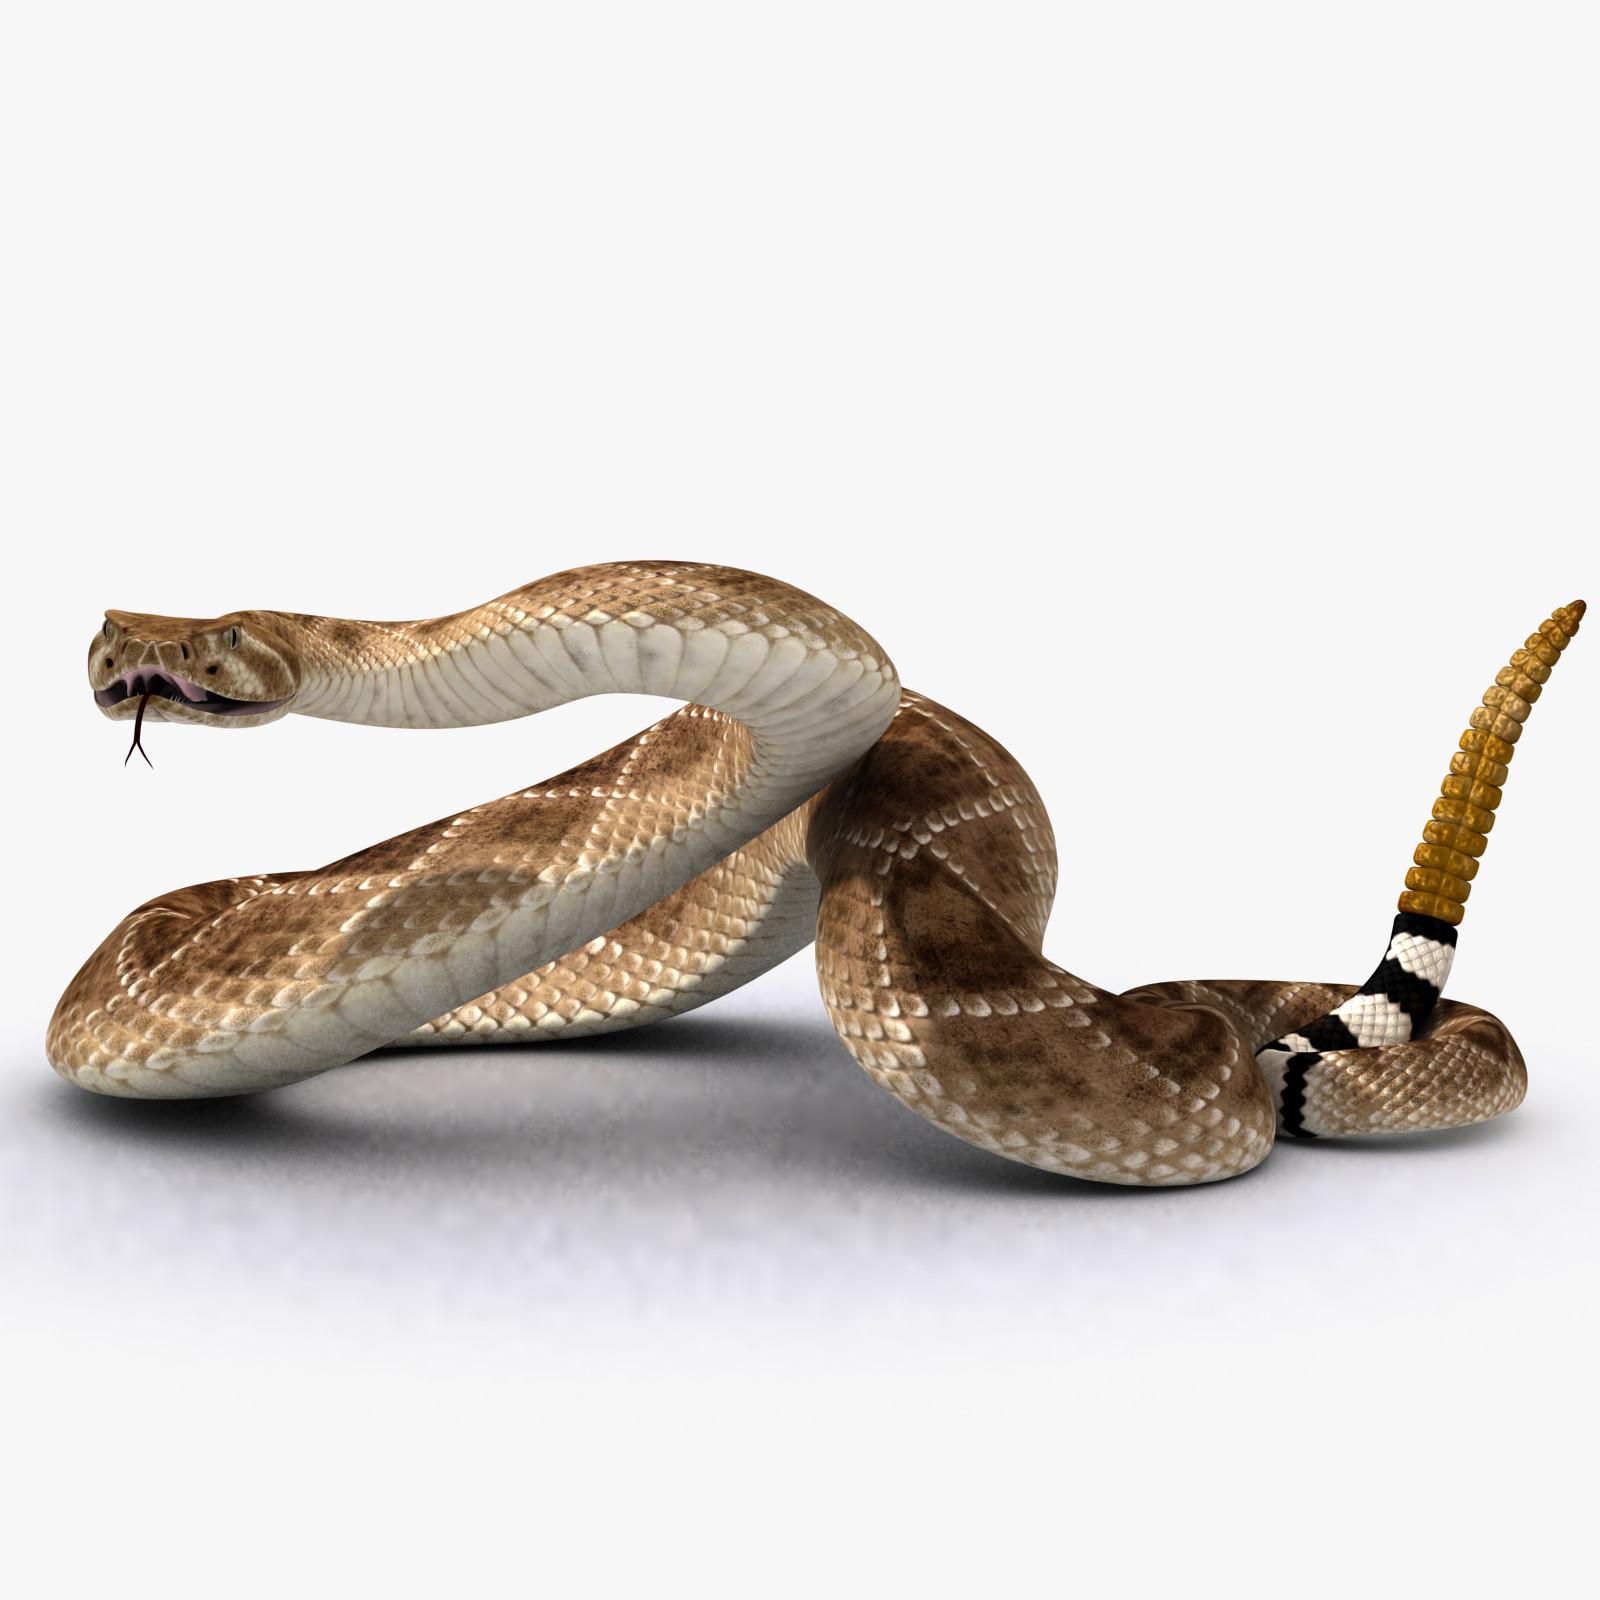 Rattlesnake_000.png